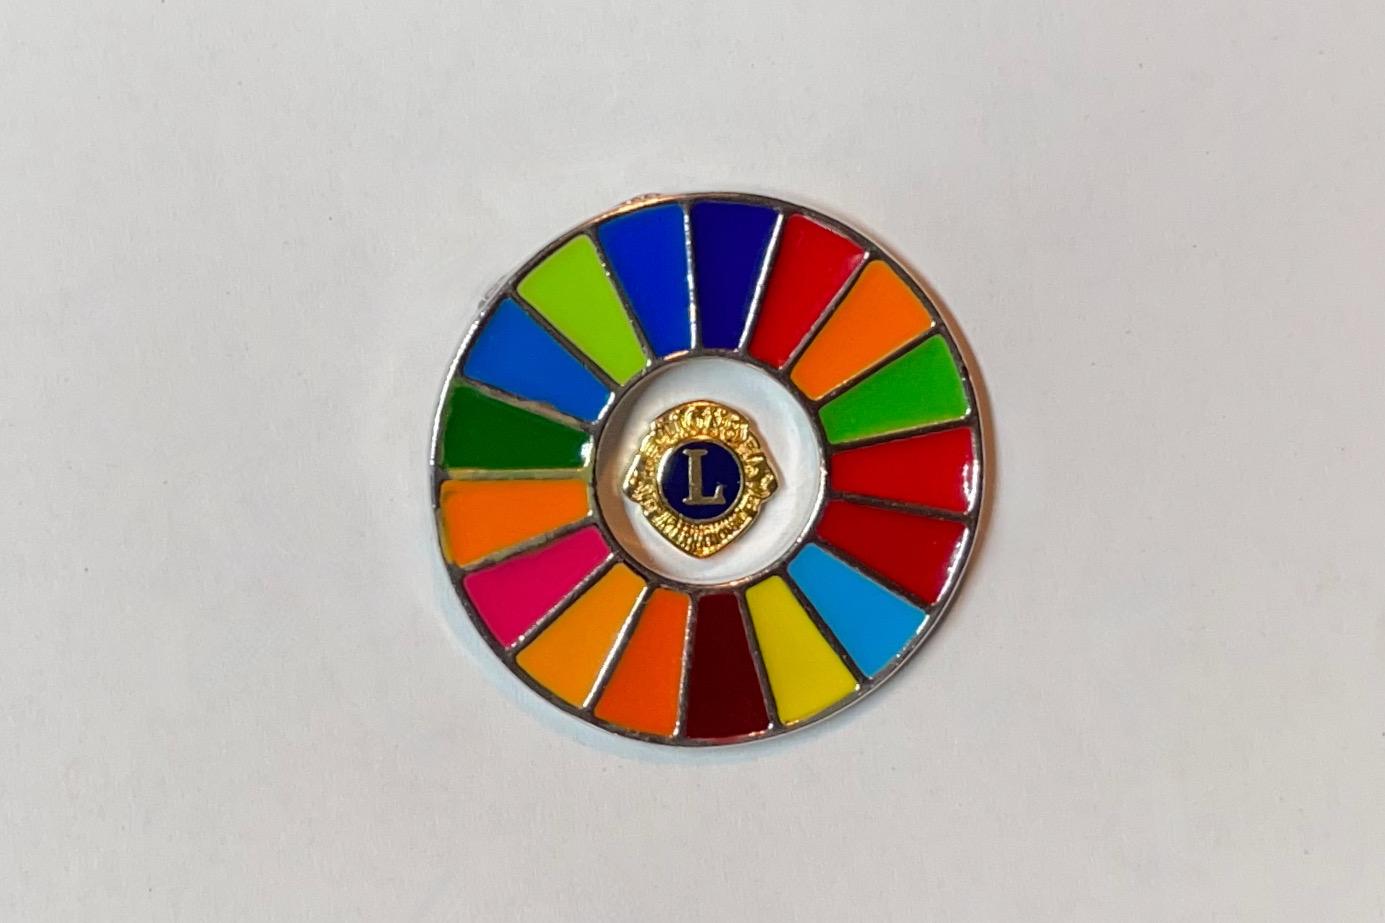 Der kleine Lions-Pin wird vom 17 Ziele Pin umschlossen